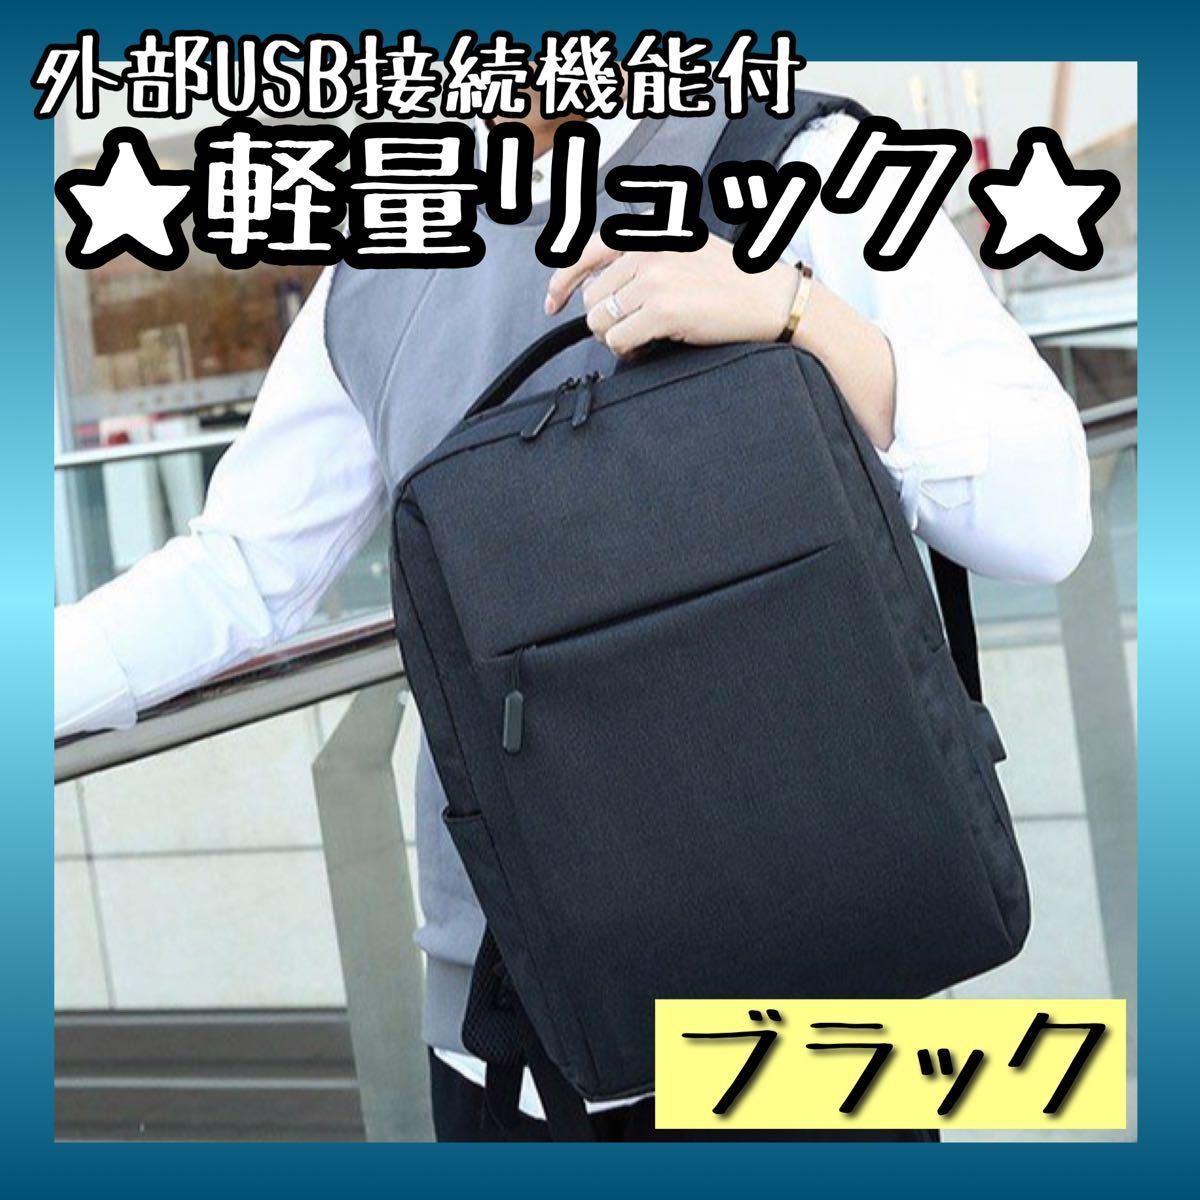 リュック 軽量 多機能 USB 充電 黒 通勤 通学 ビジネス大容量 バックパック ビジネスリュック PCバッグ USB充電 防水